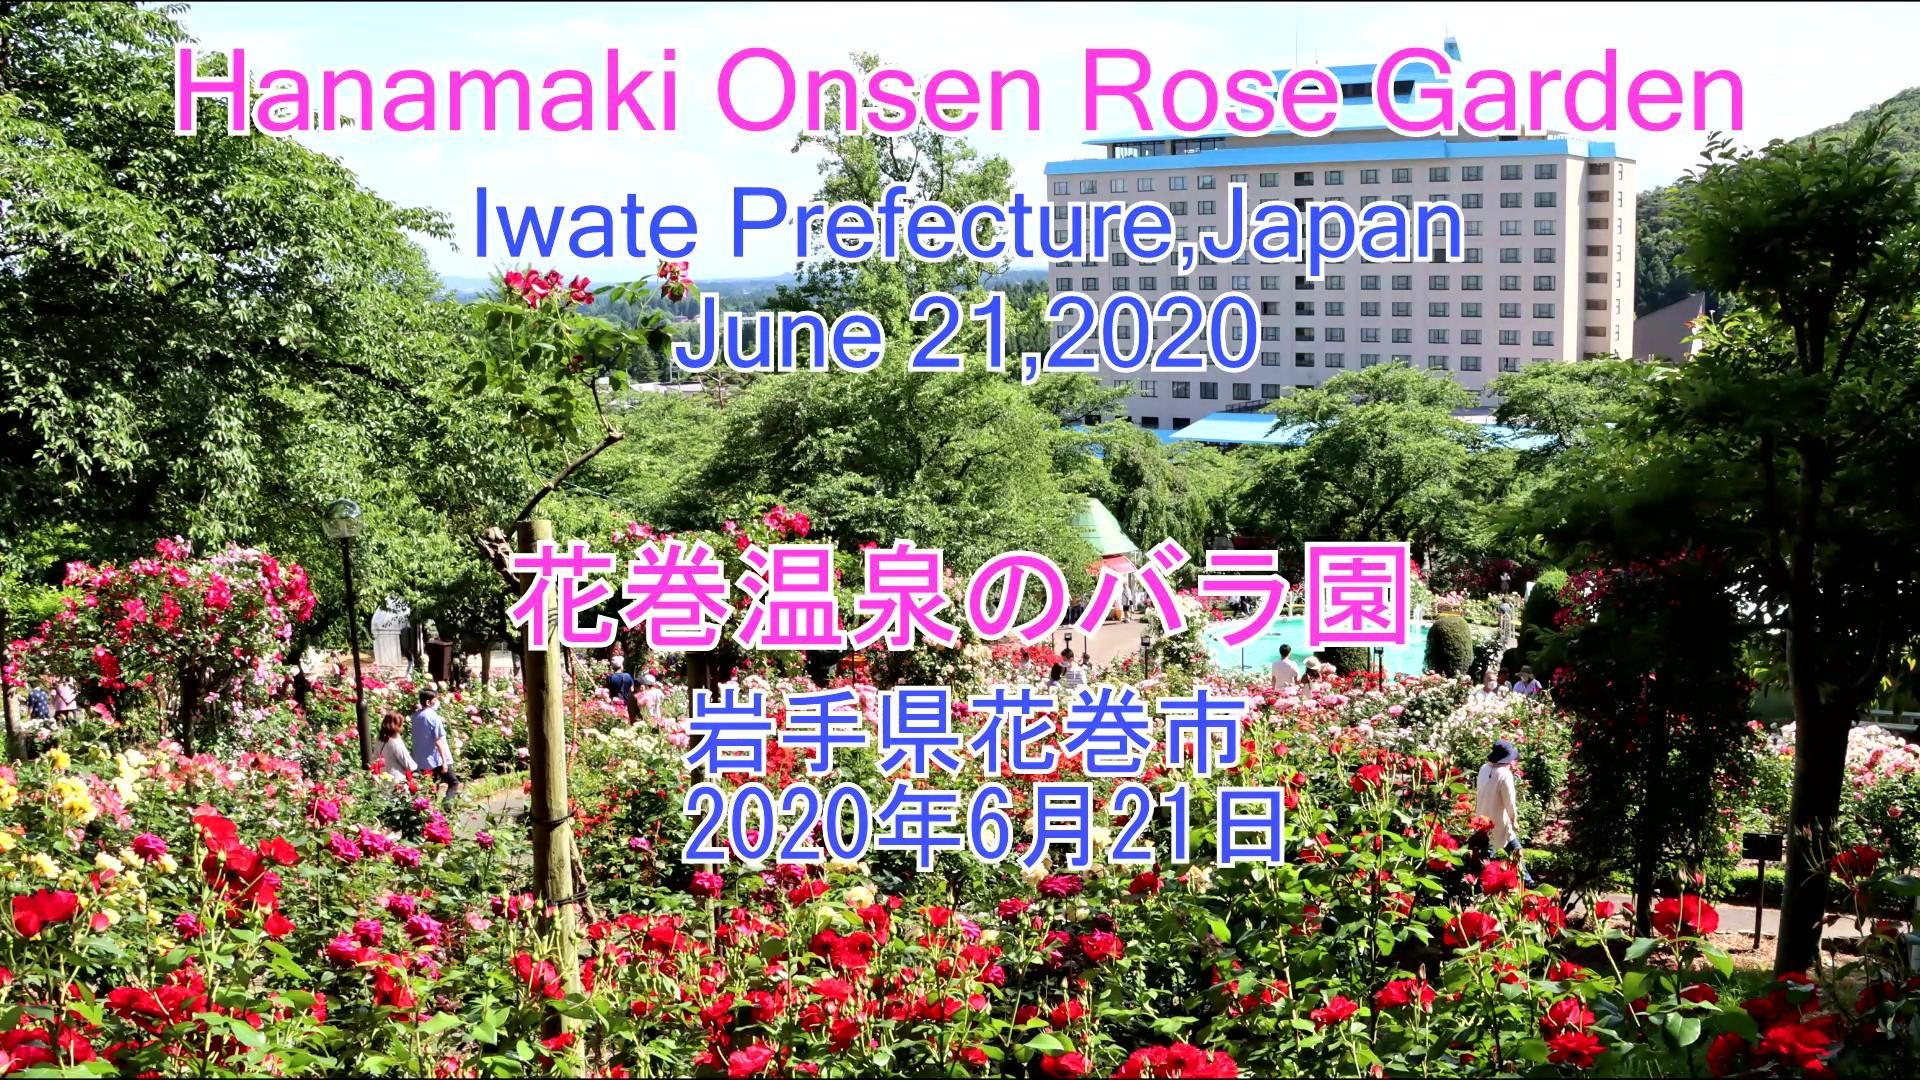 花巻温泉のバラ園 2020